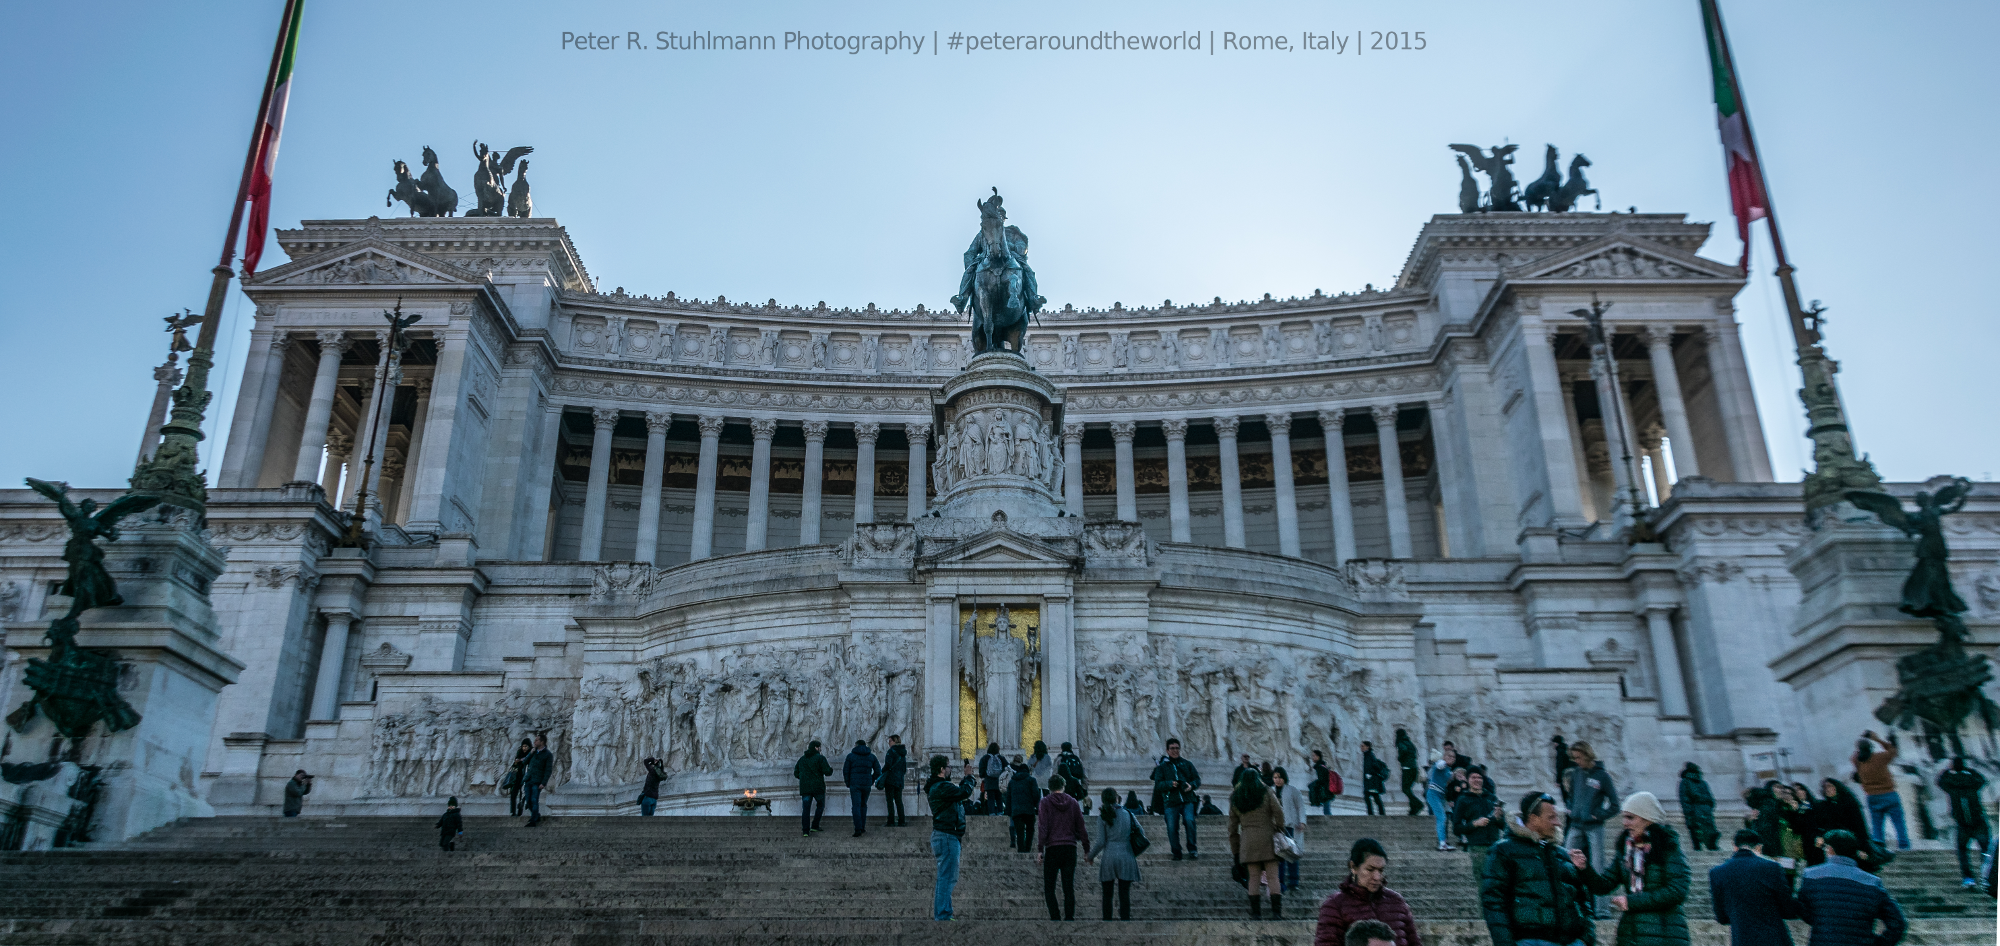 Das Denkmal für Vittorio Emanuele II. Von oben hat man einen tollen Panorama-Blick über Rom.